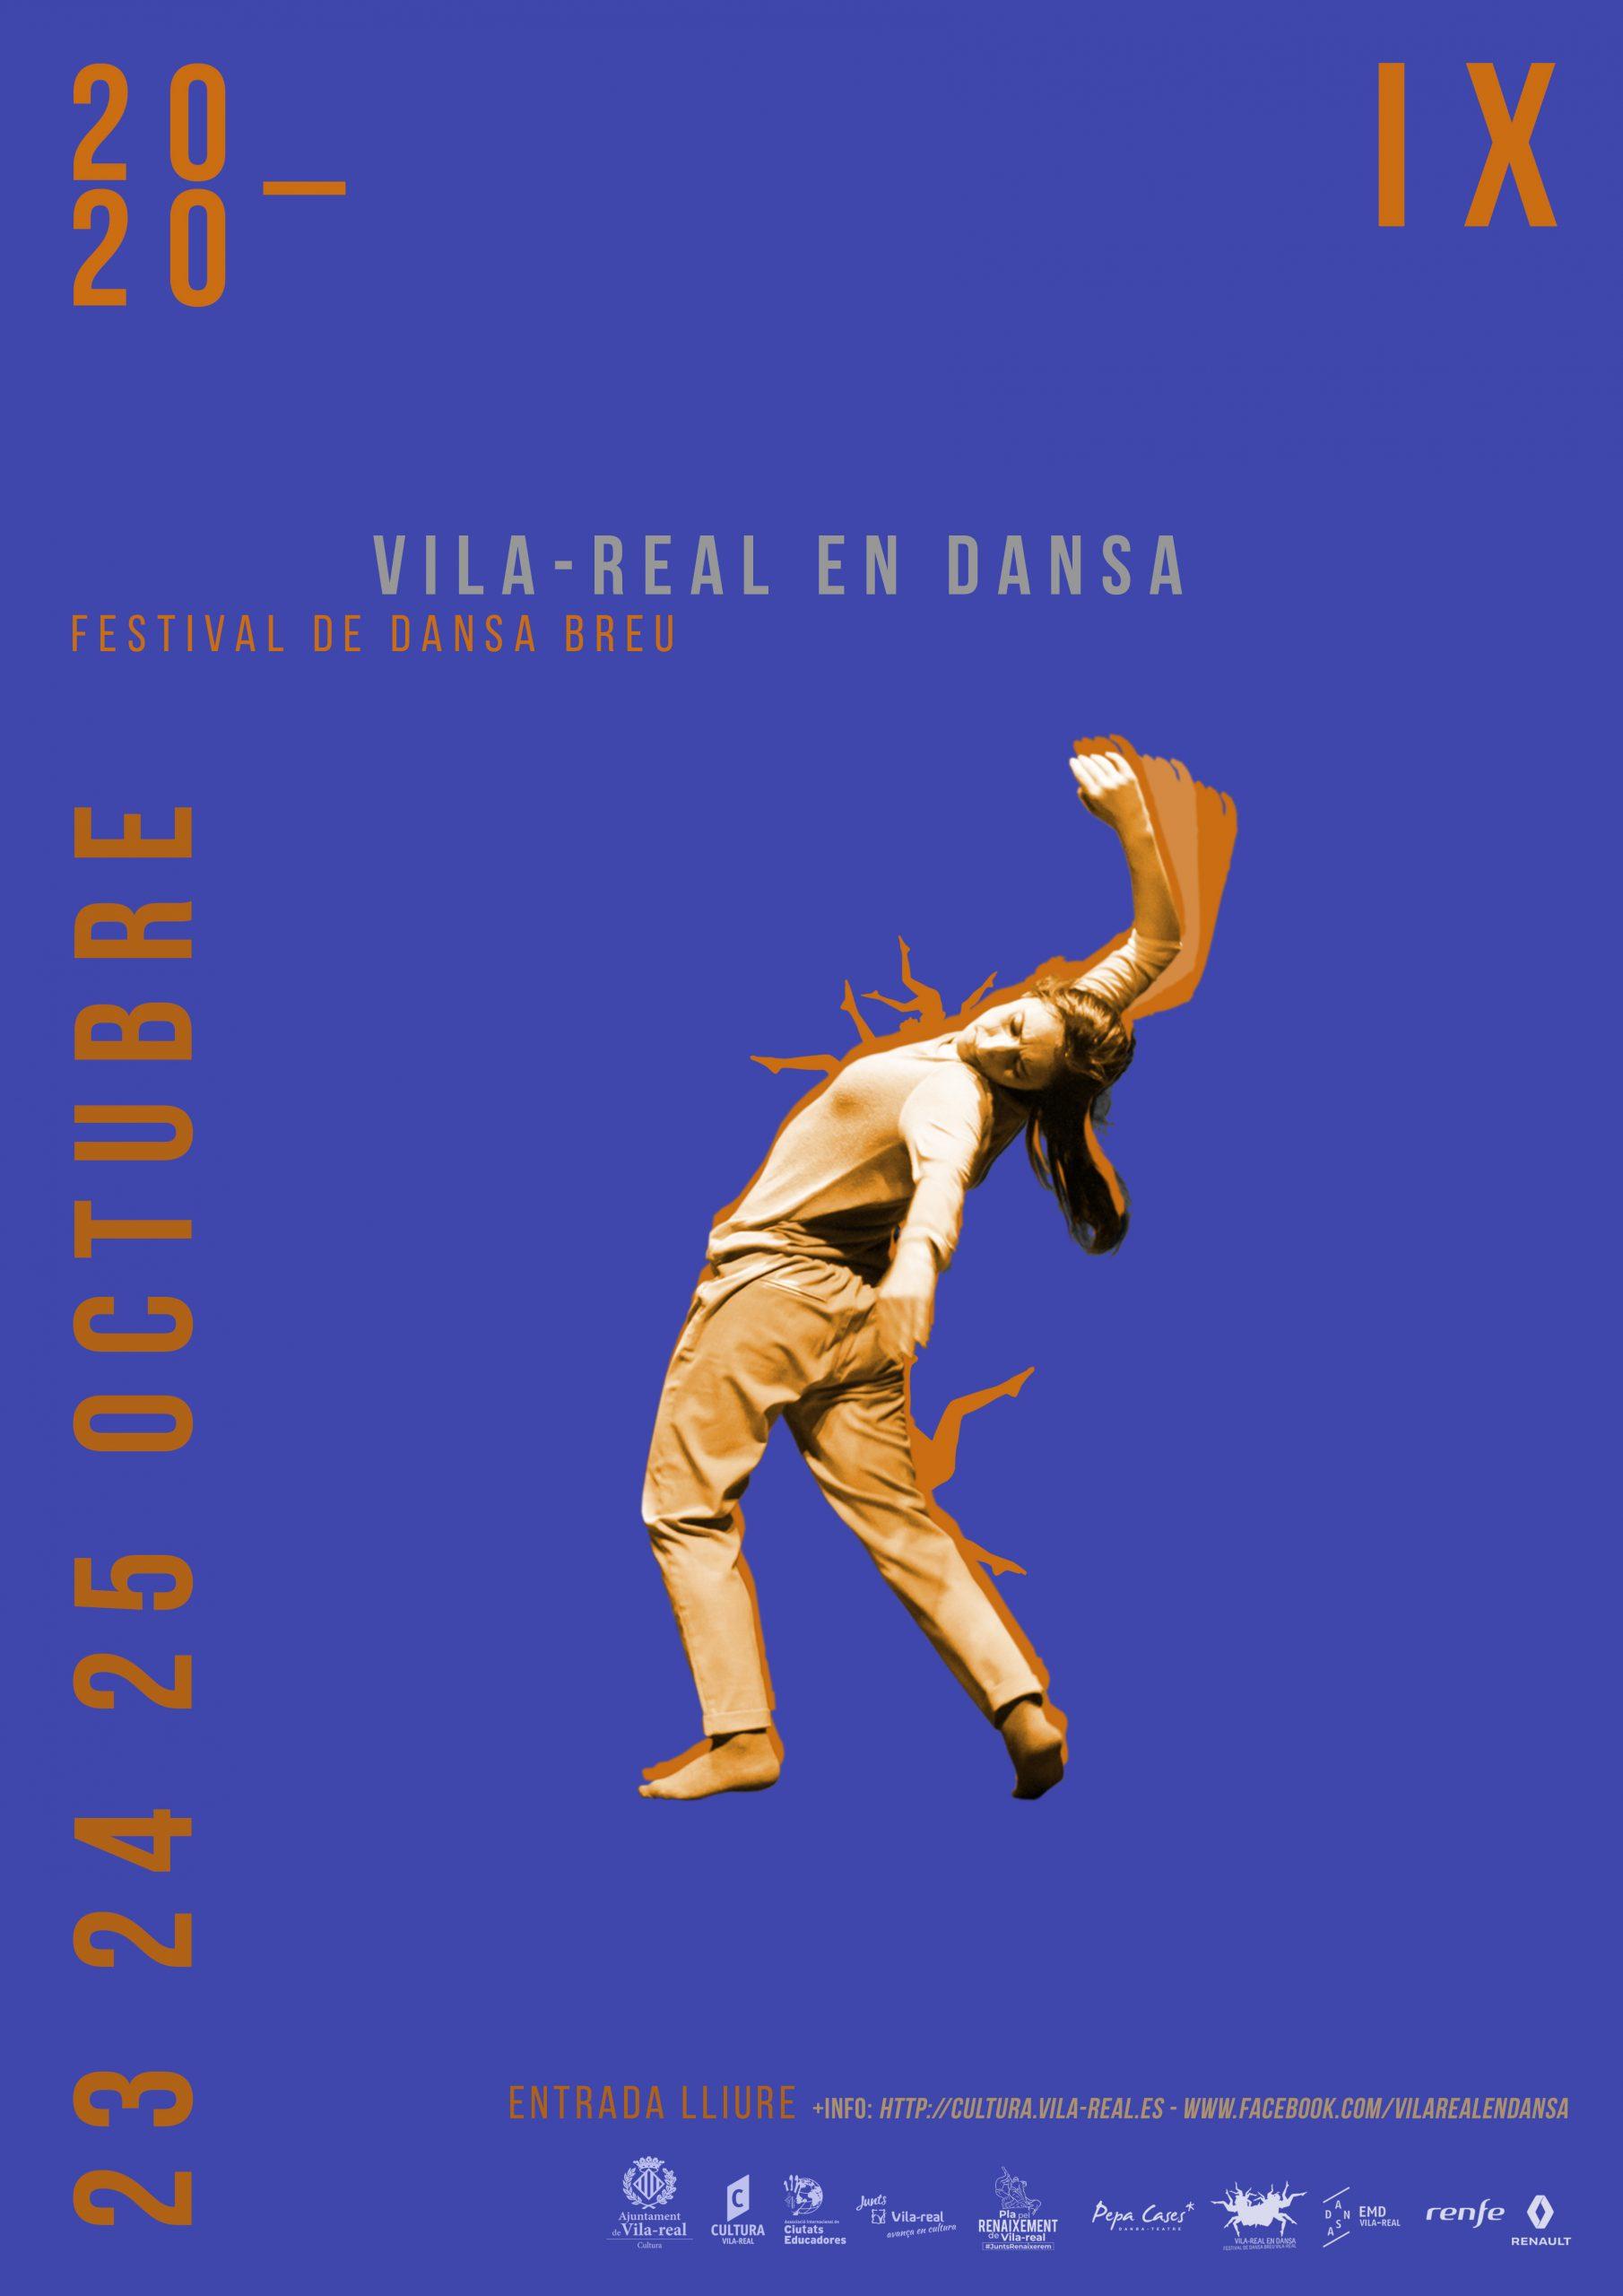 Vila-real en dansa propone tres jornadas de danza contemporánea segura en espacios al aire libre y el Auditori